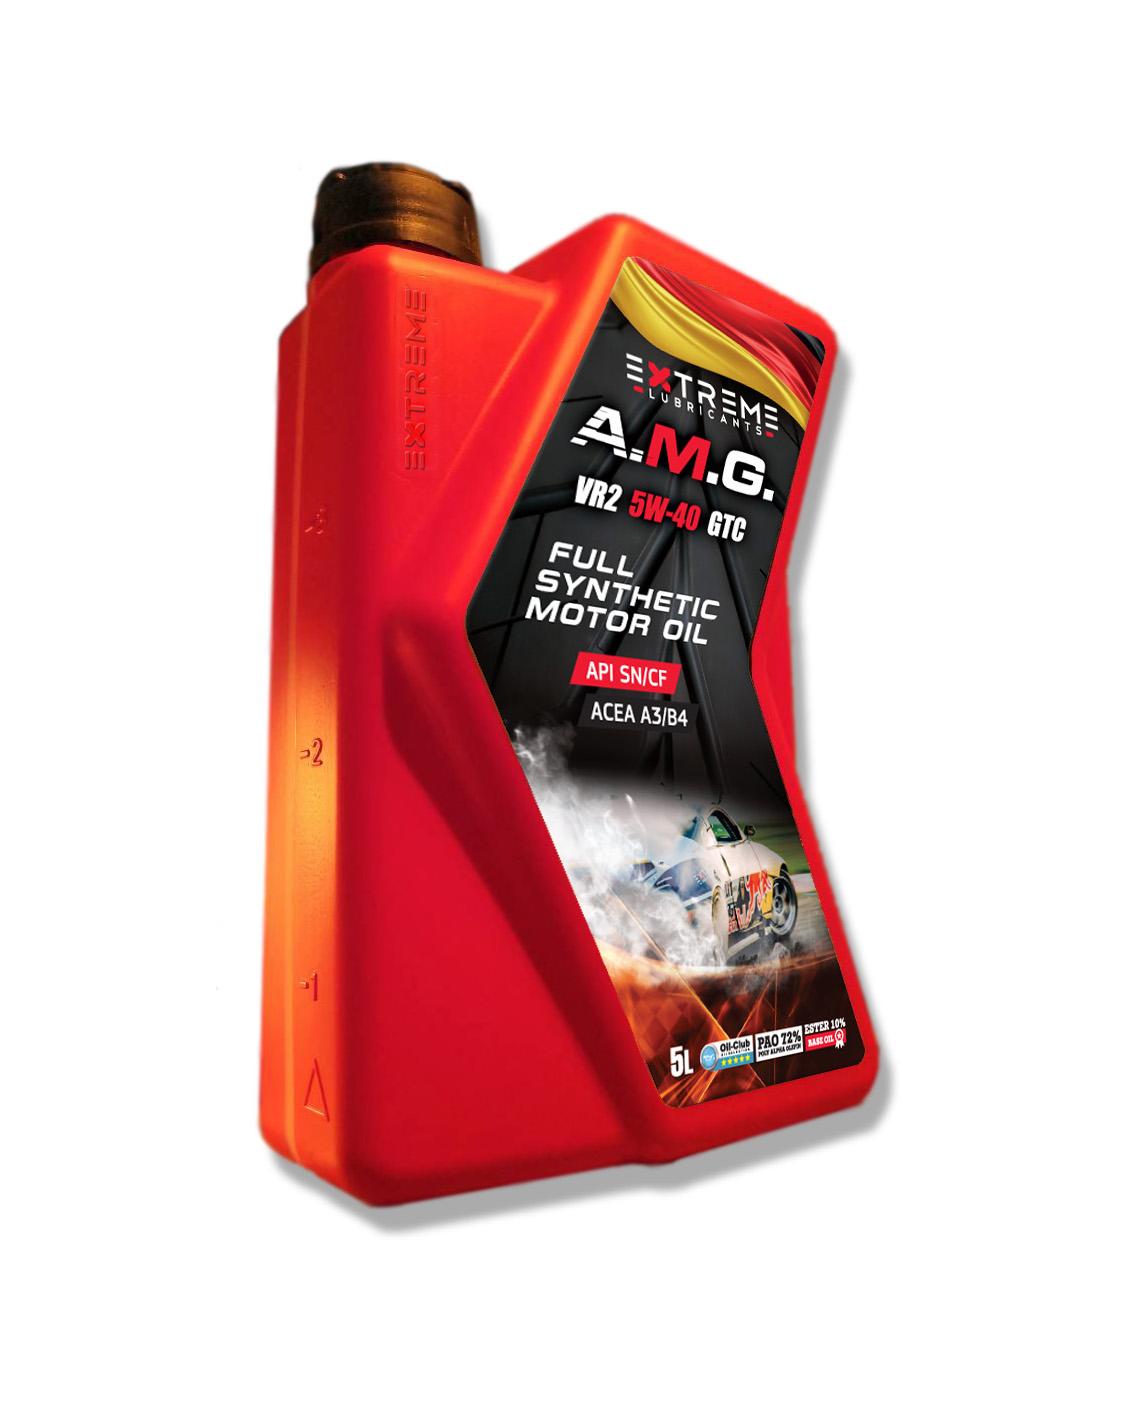 EXTREME A.M.G VR2 5W-40 GTC 1L